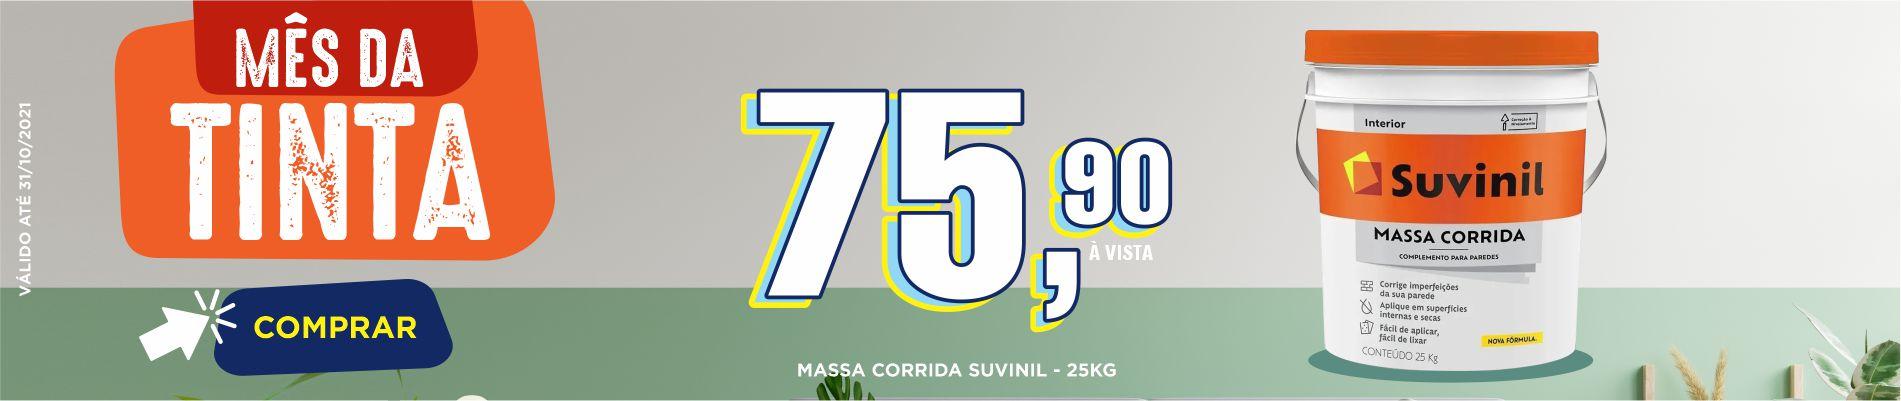 Banner Massa Corrida - Inicio: 01/10/21